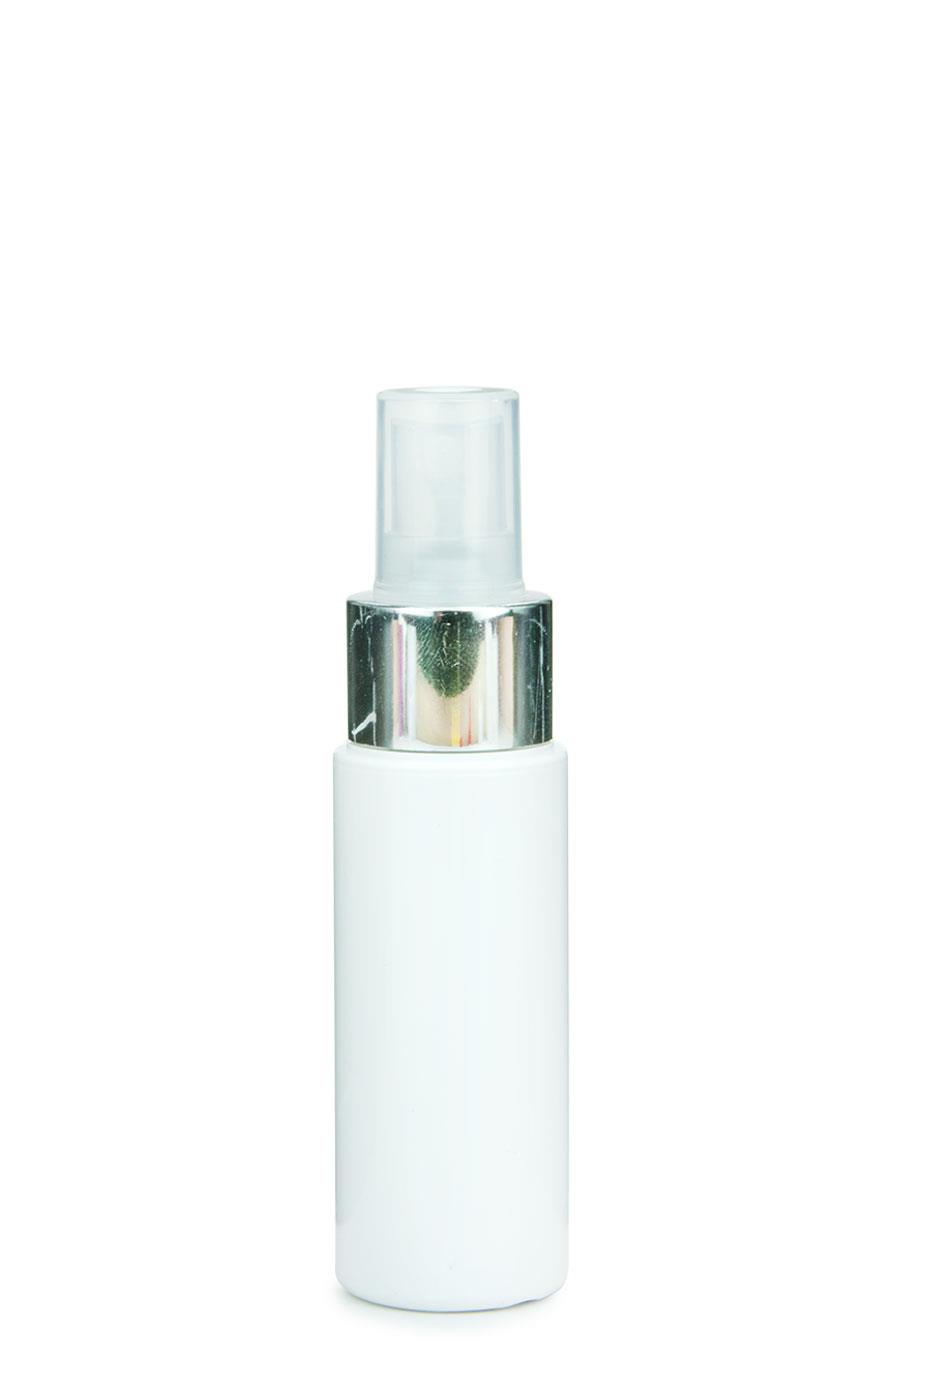 pet flasche leonora 50 ml weiss mit spray zerst uber pumpe luxury 24 410 transparent metall. Black Bedroom Furniture Sets. Home Design Ideas